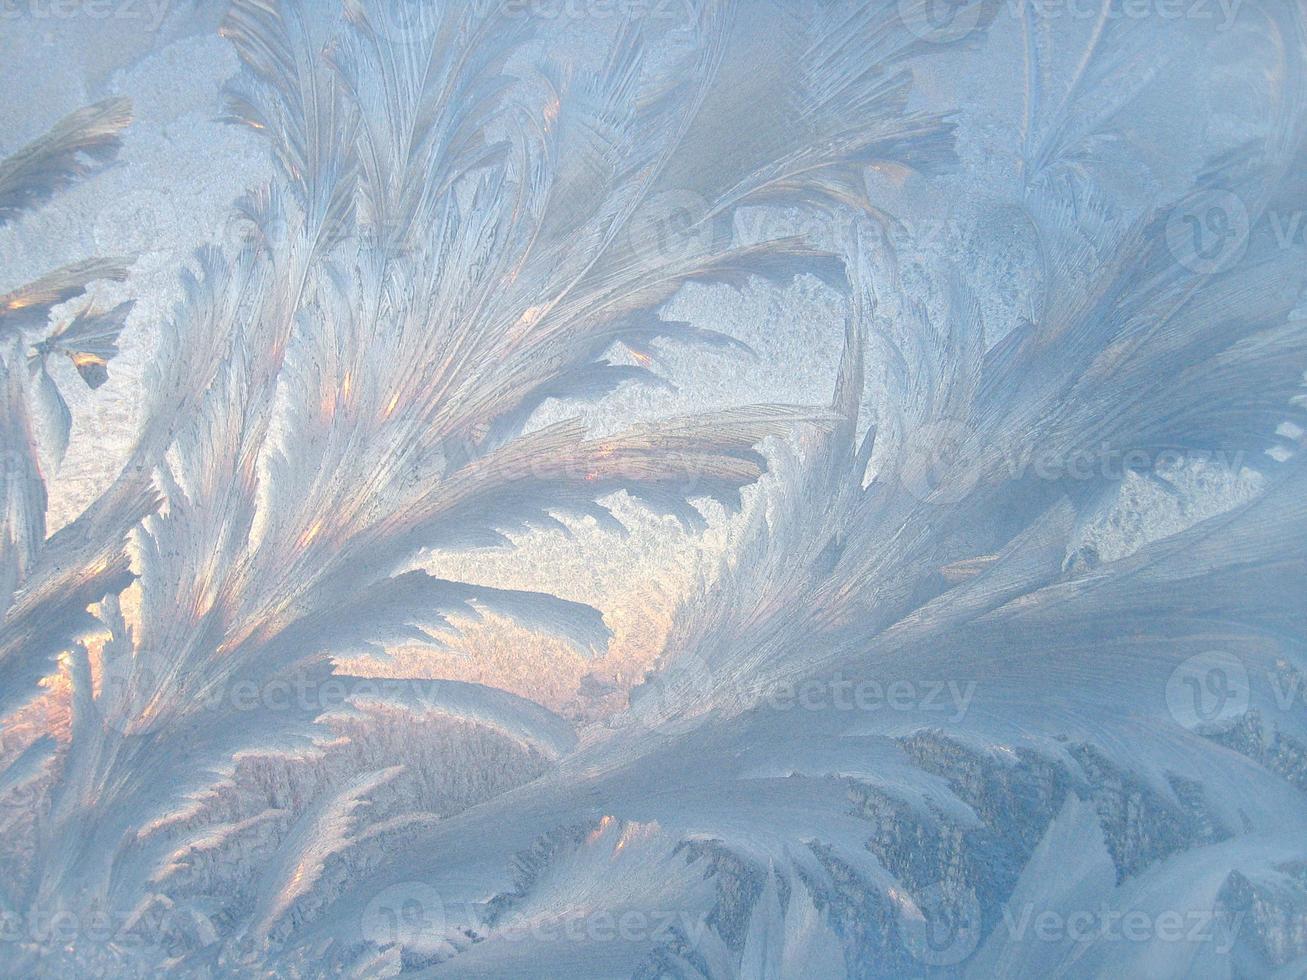 padrão de gelo no copo de inverno foto